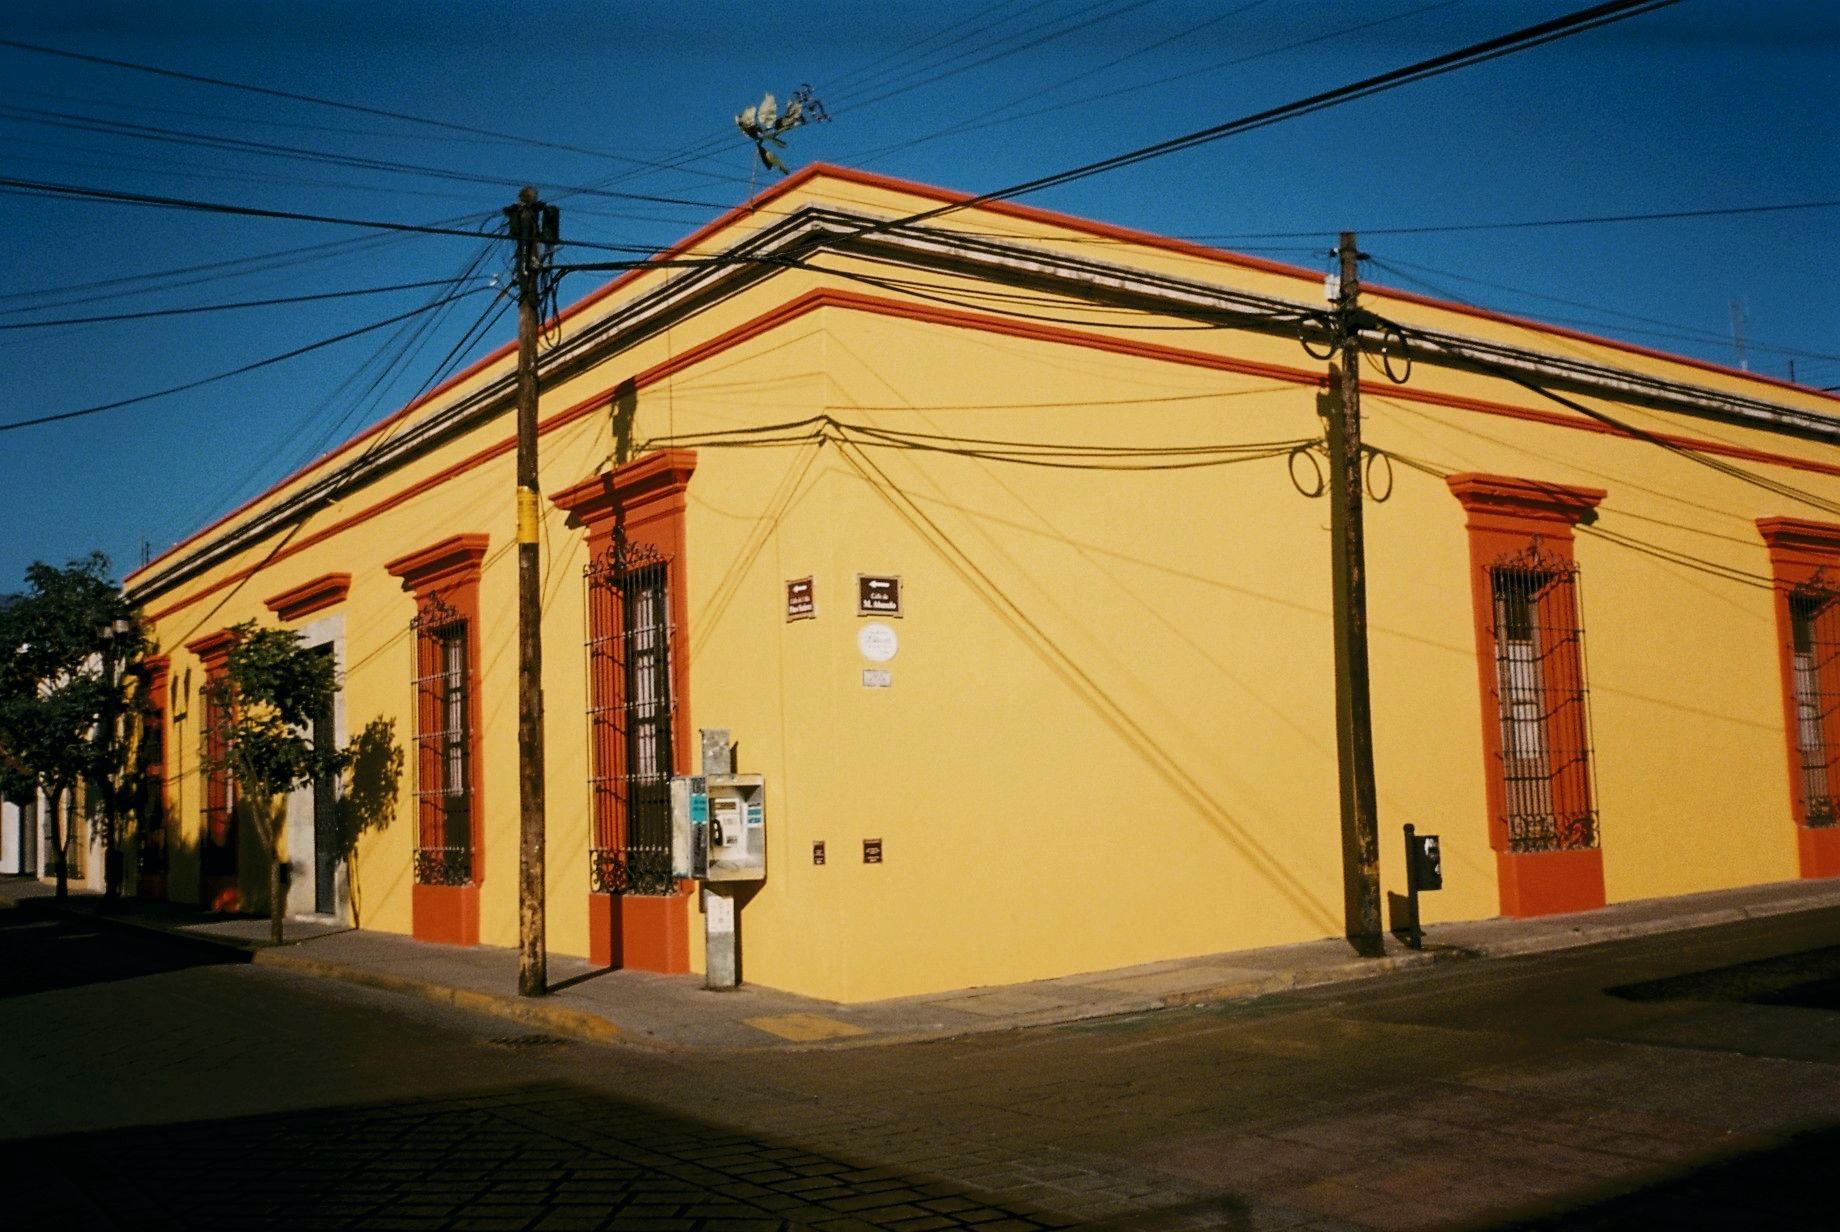 Oaxaca 01-2020 - 29 of 37